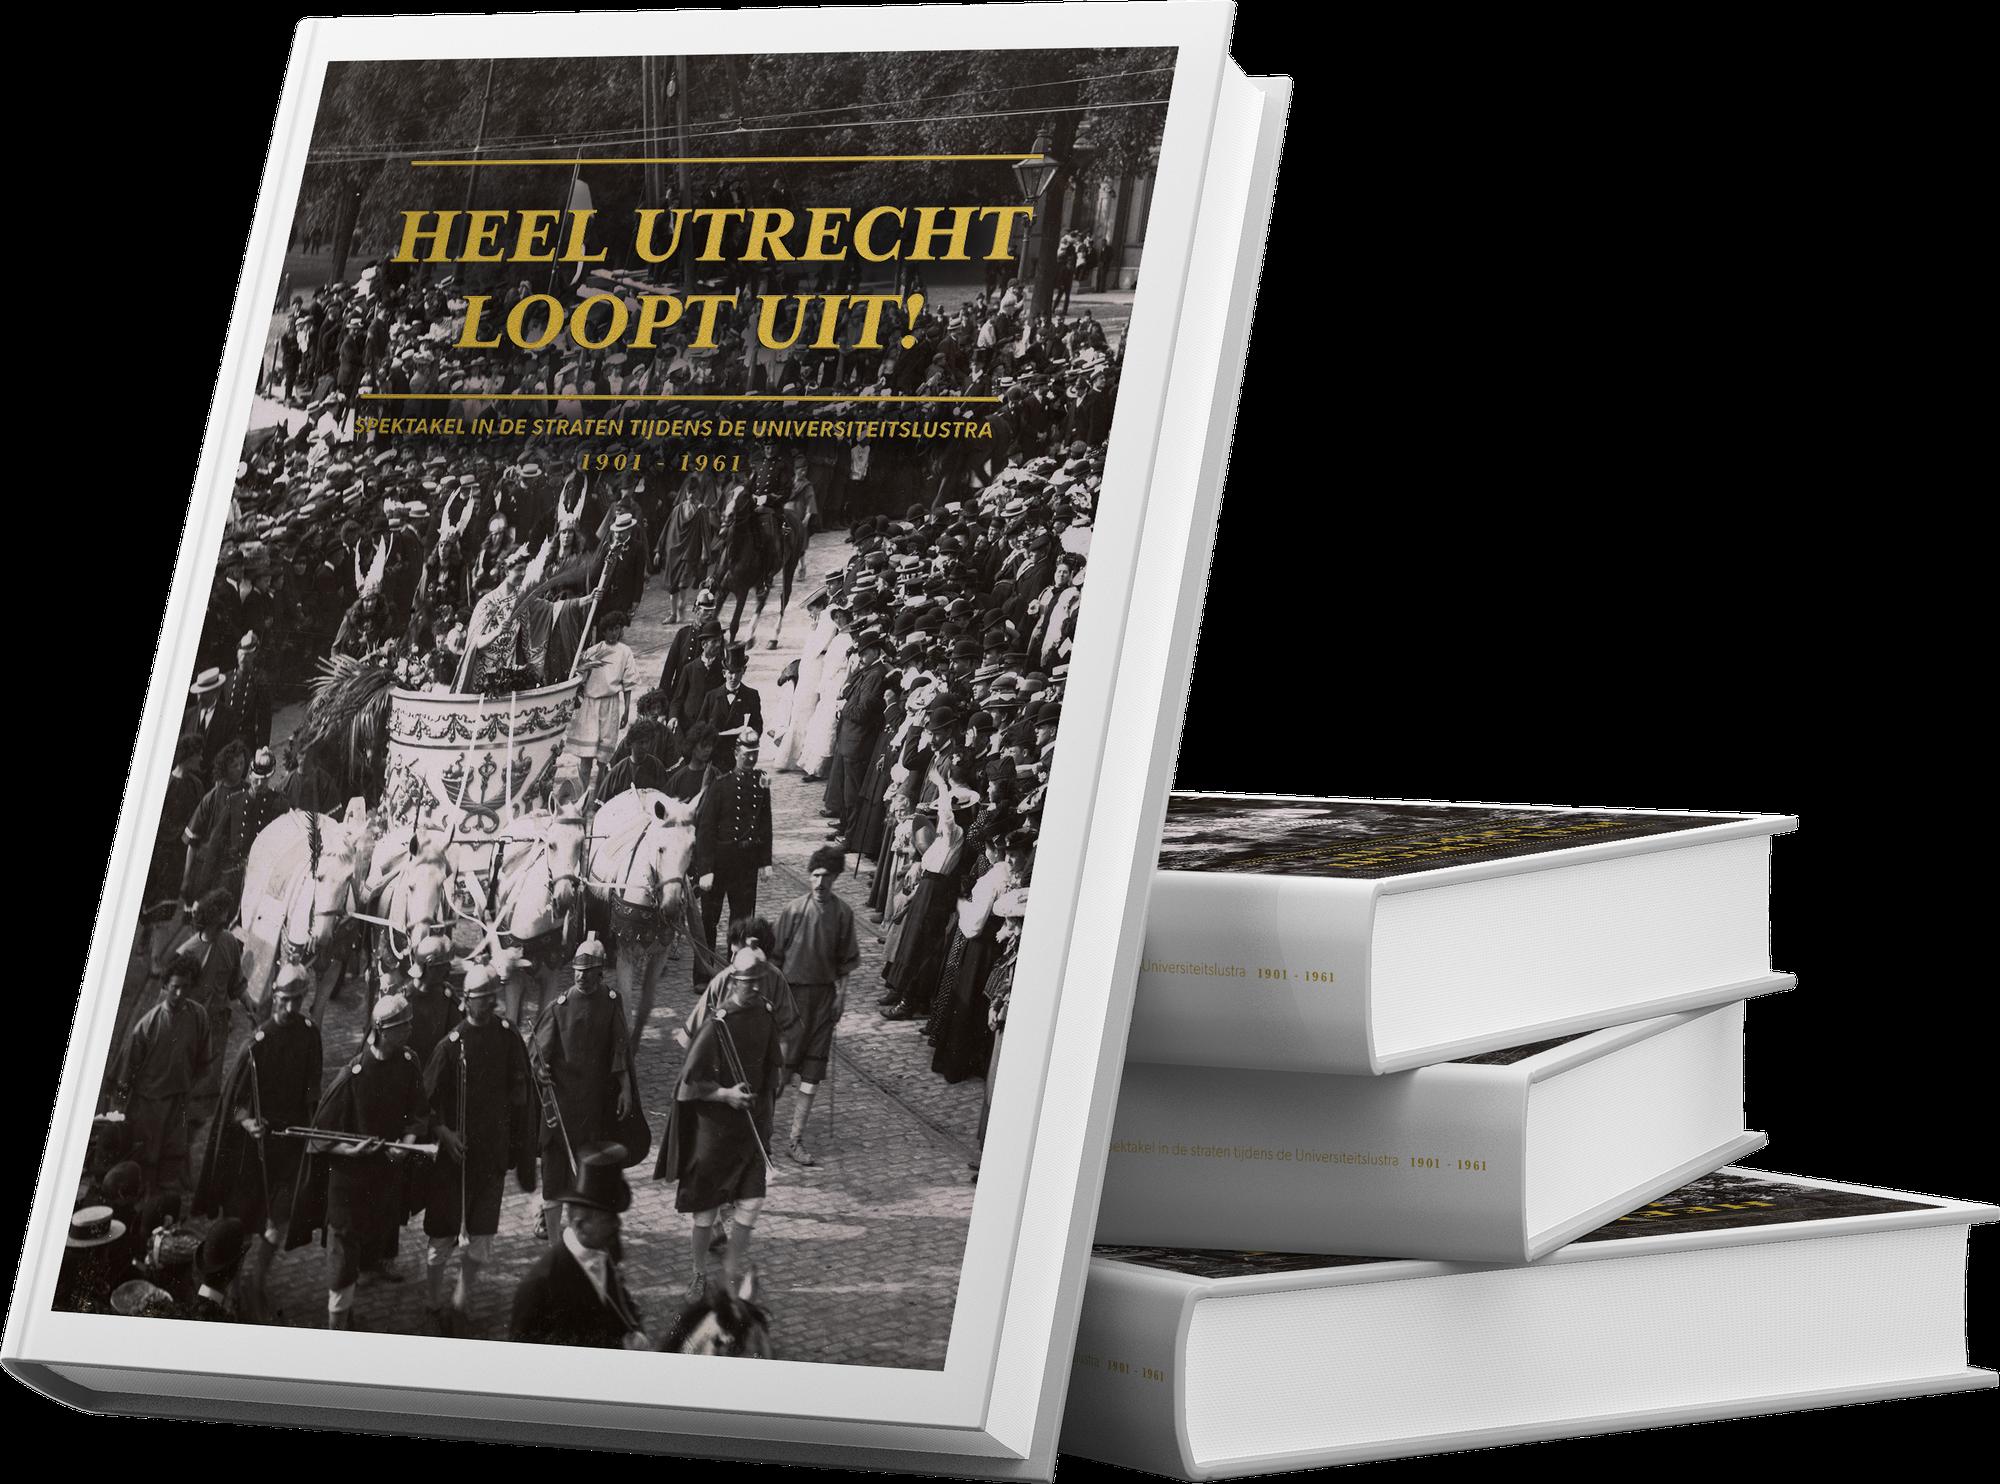 Het expositieboek 'Heel Utrecht loopt uit!'